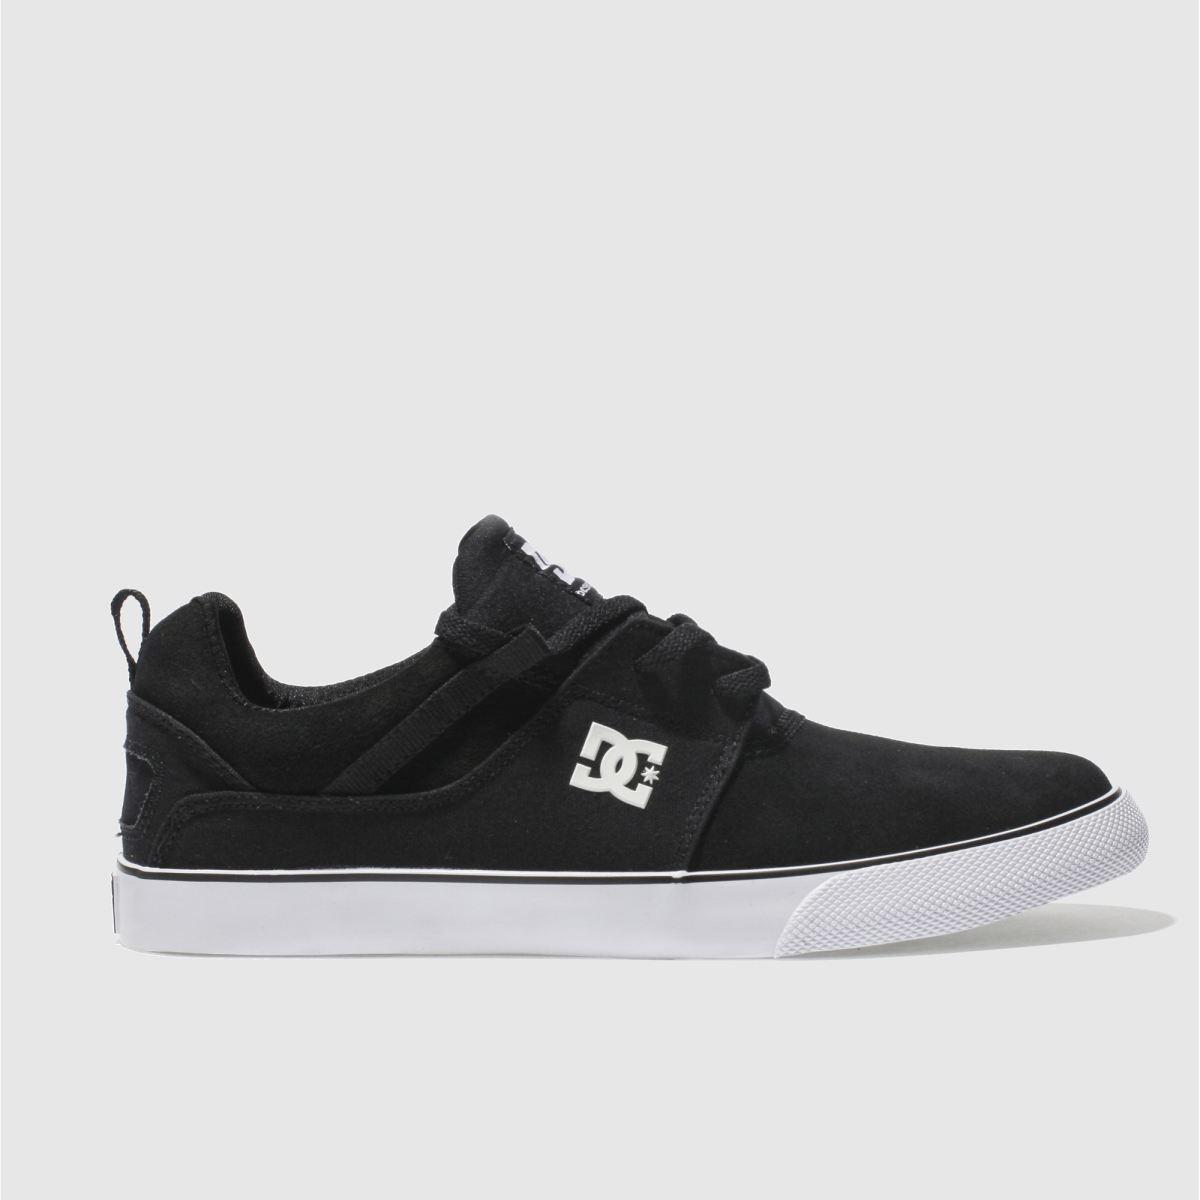 dc shoes Dc Shoes Black & White Heathrow Vulc Se Trainers